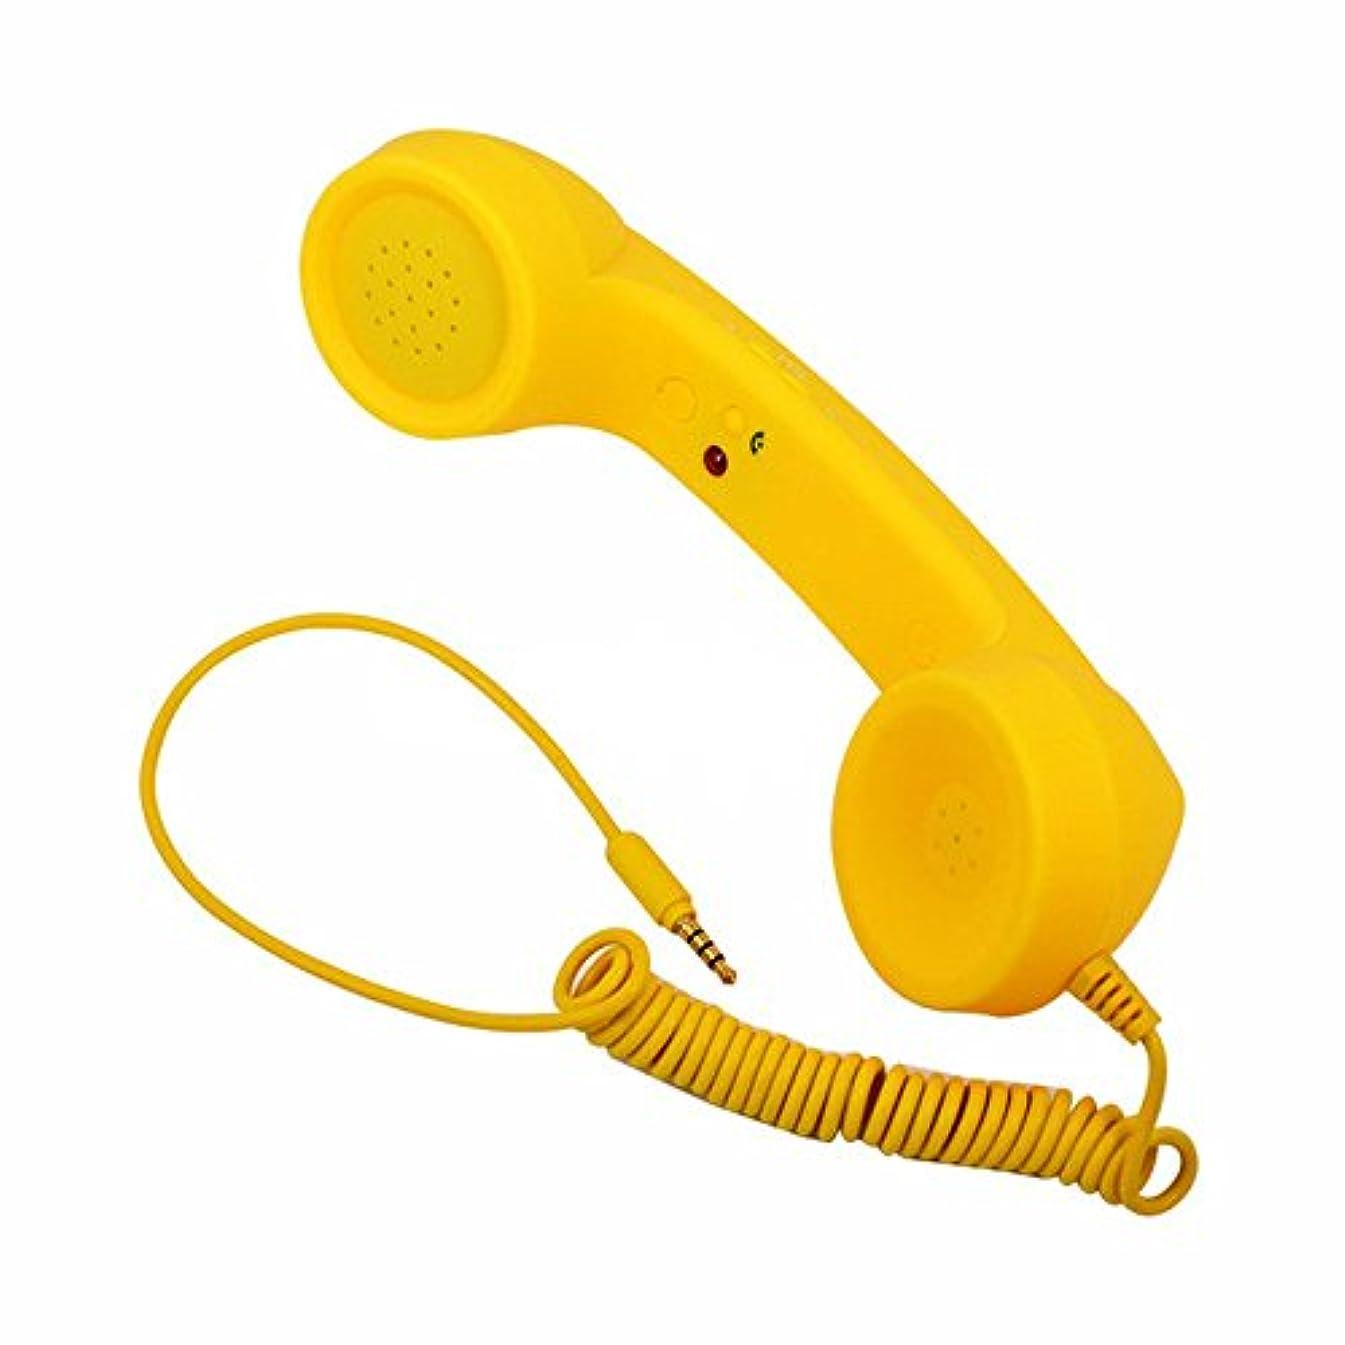 座標人生を作る言語学RaiFu ヘッドフォン MICマイク 3.5mm レトロ ユニバーサル 電話 耐放射線 レシーバー 携帯電話 ハンドセット クラシック イエロー